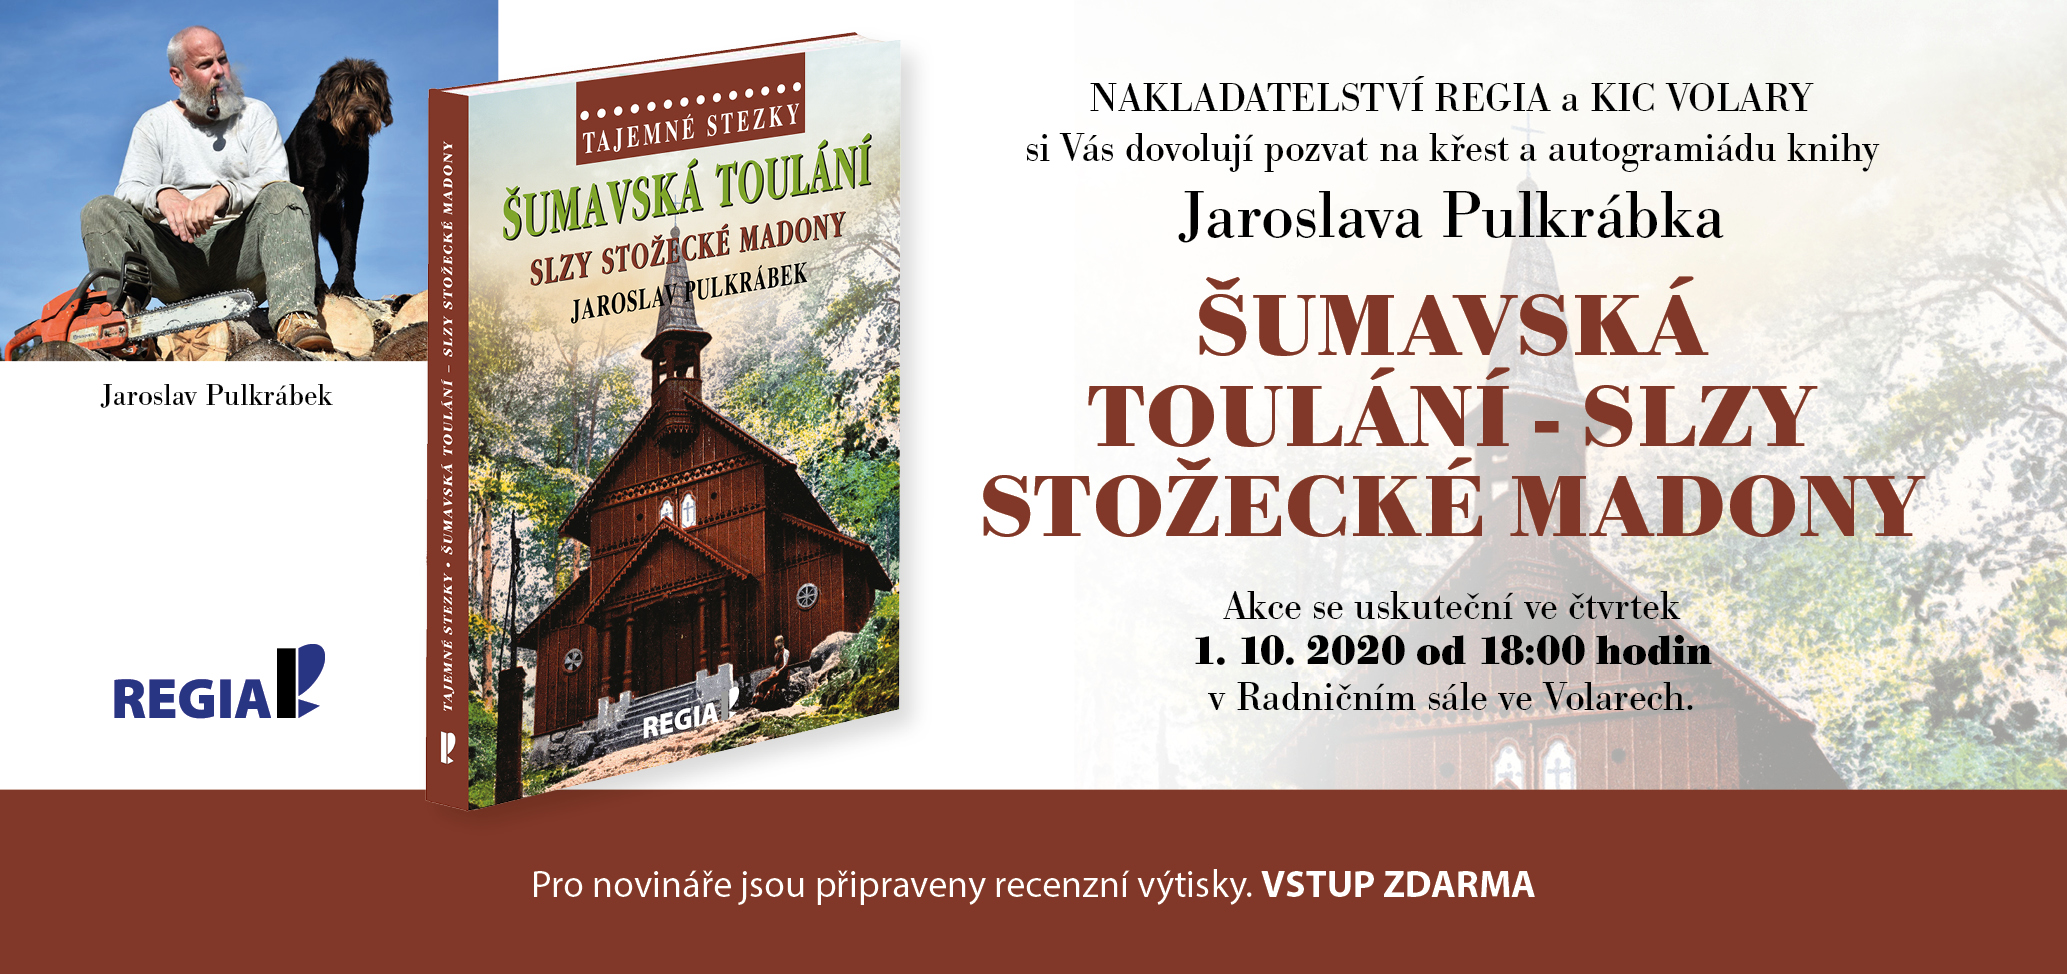 pozvanka_sumavske_toulani